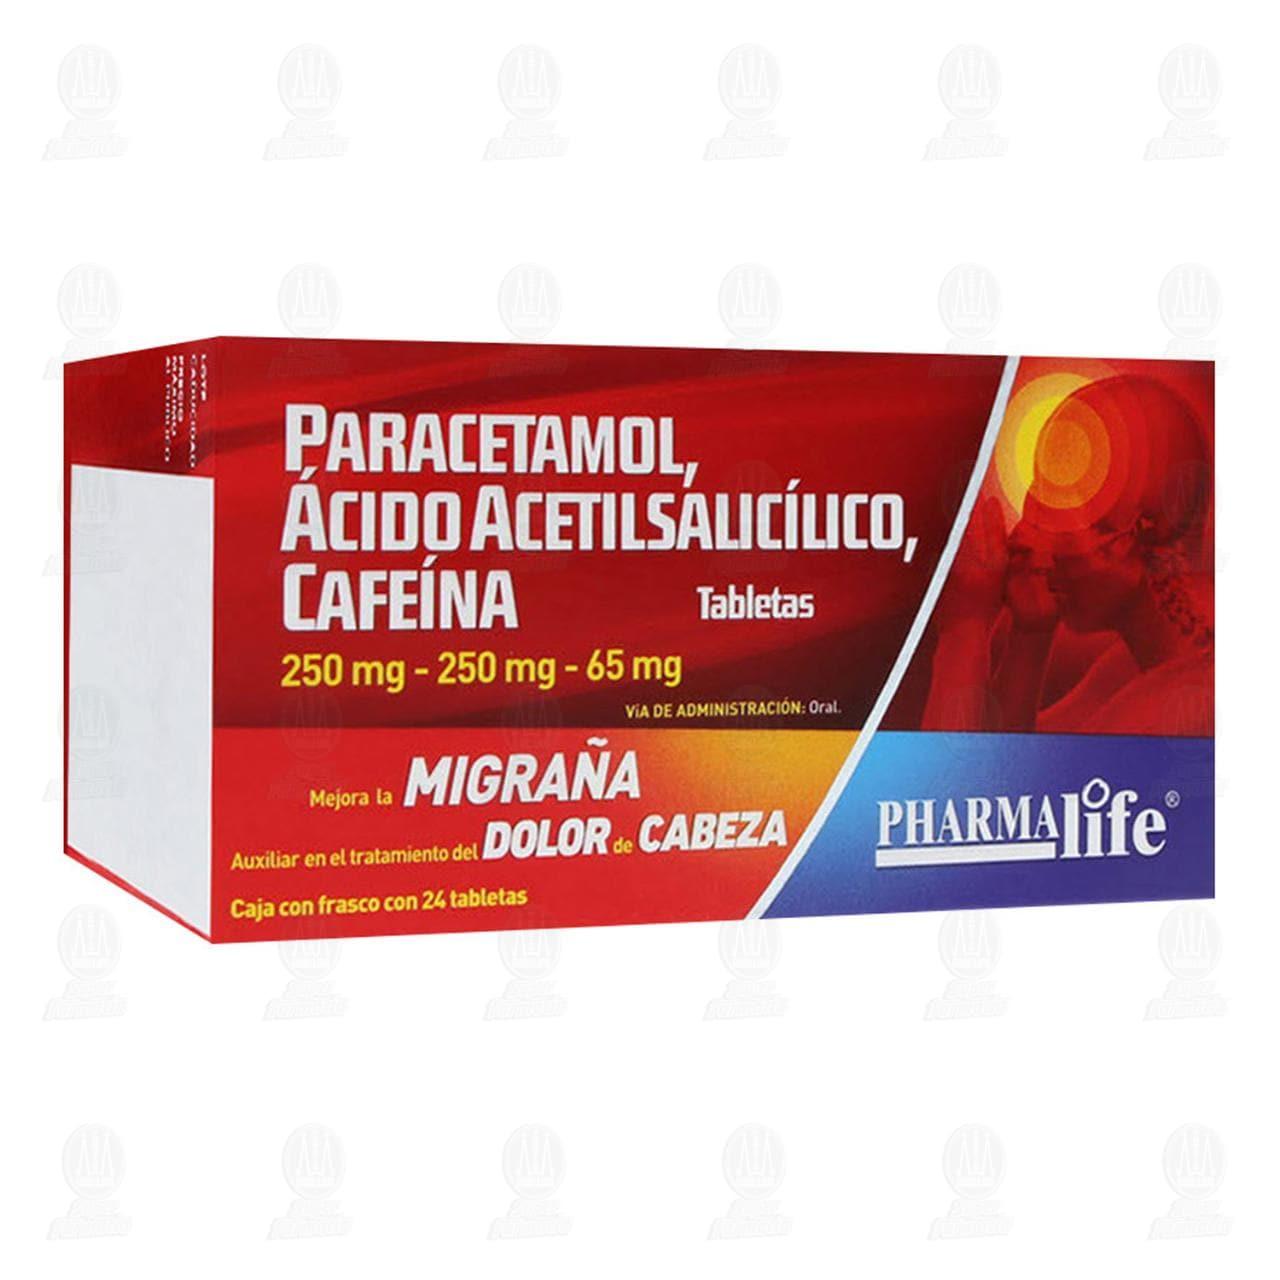 Comprar Paracetamol, Ácido Acetilsalicílico, Cafeína 250mg/250mg/65mg 24 Tabletas Pharmalife en Farmacias Guadalajara